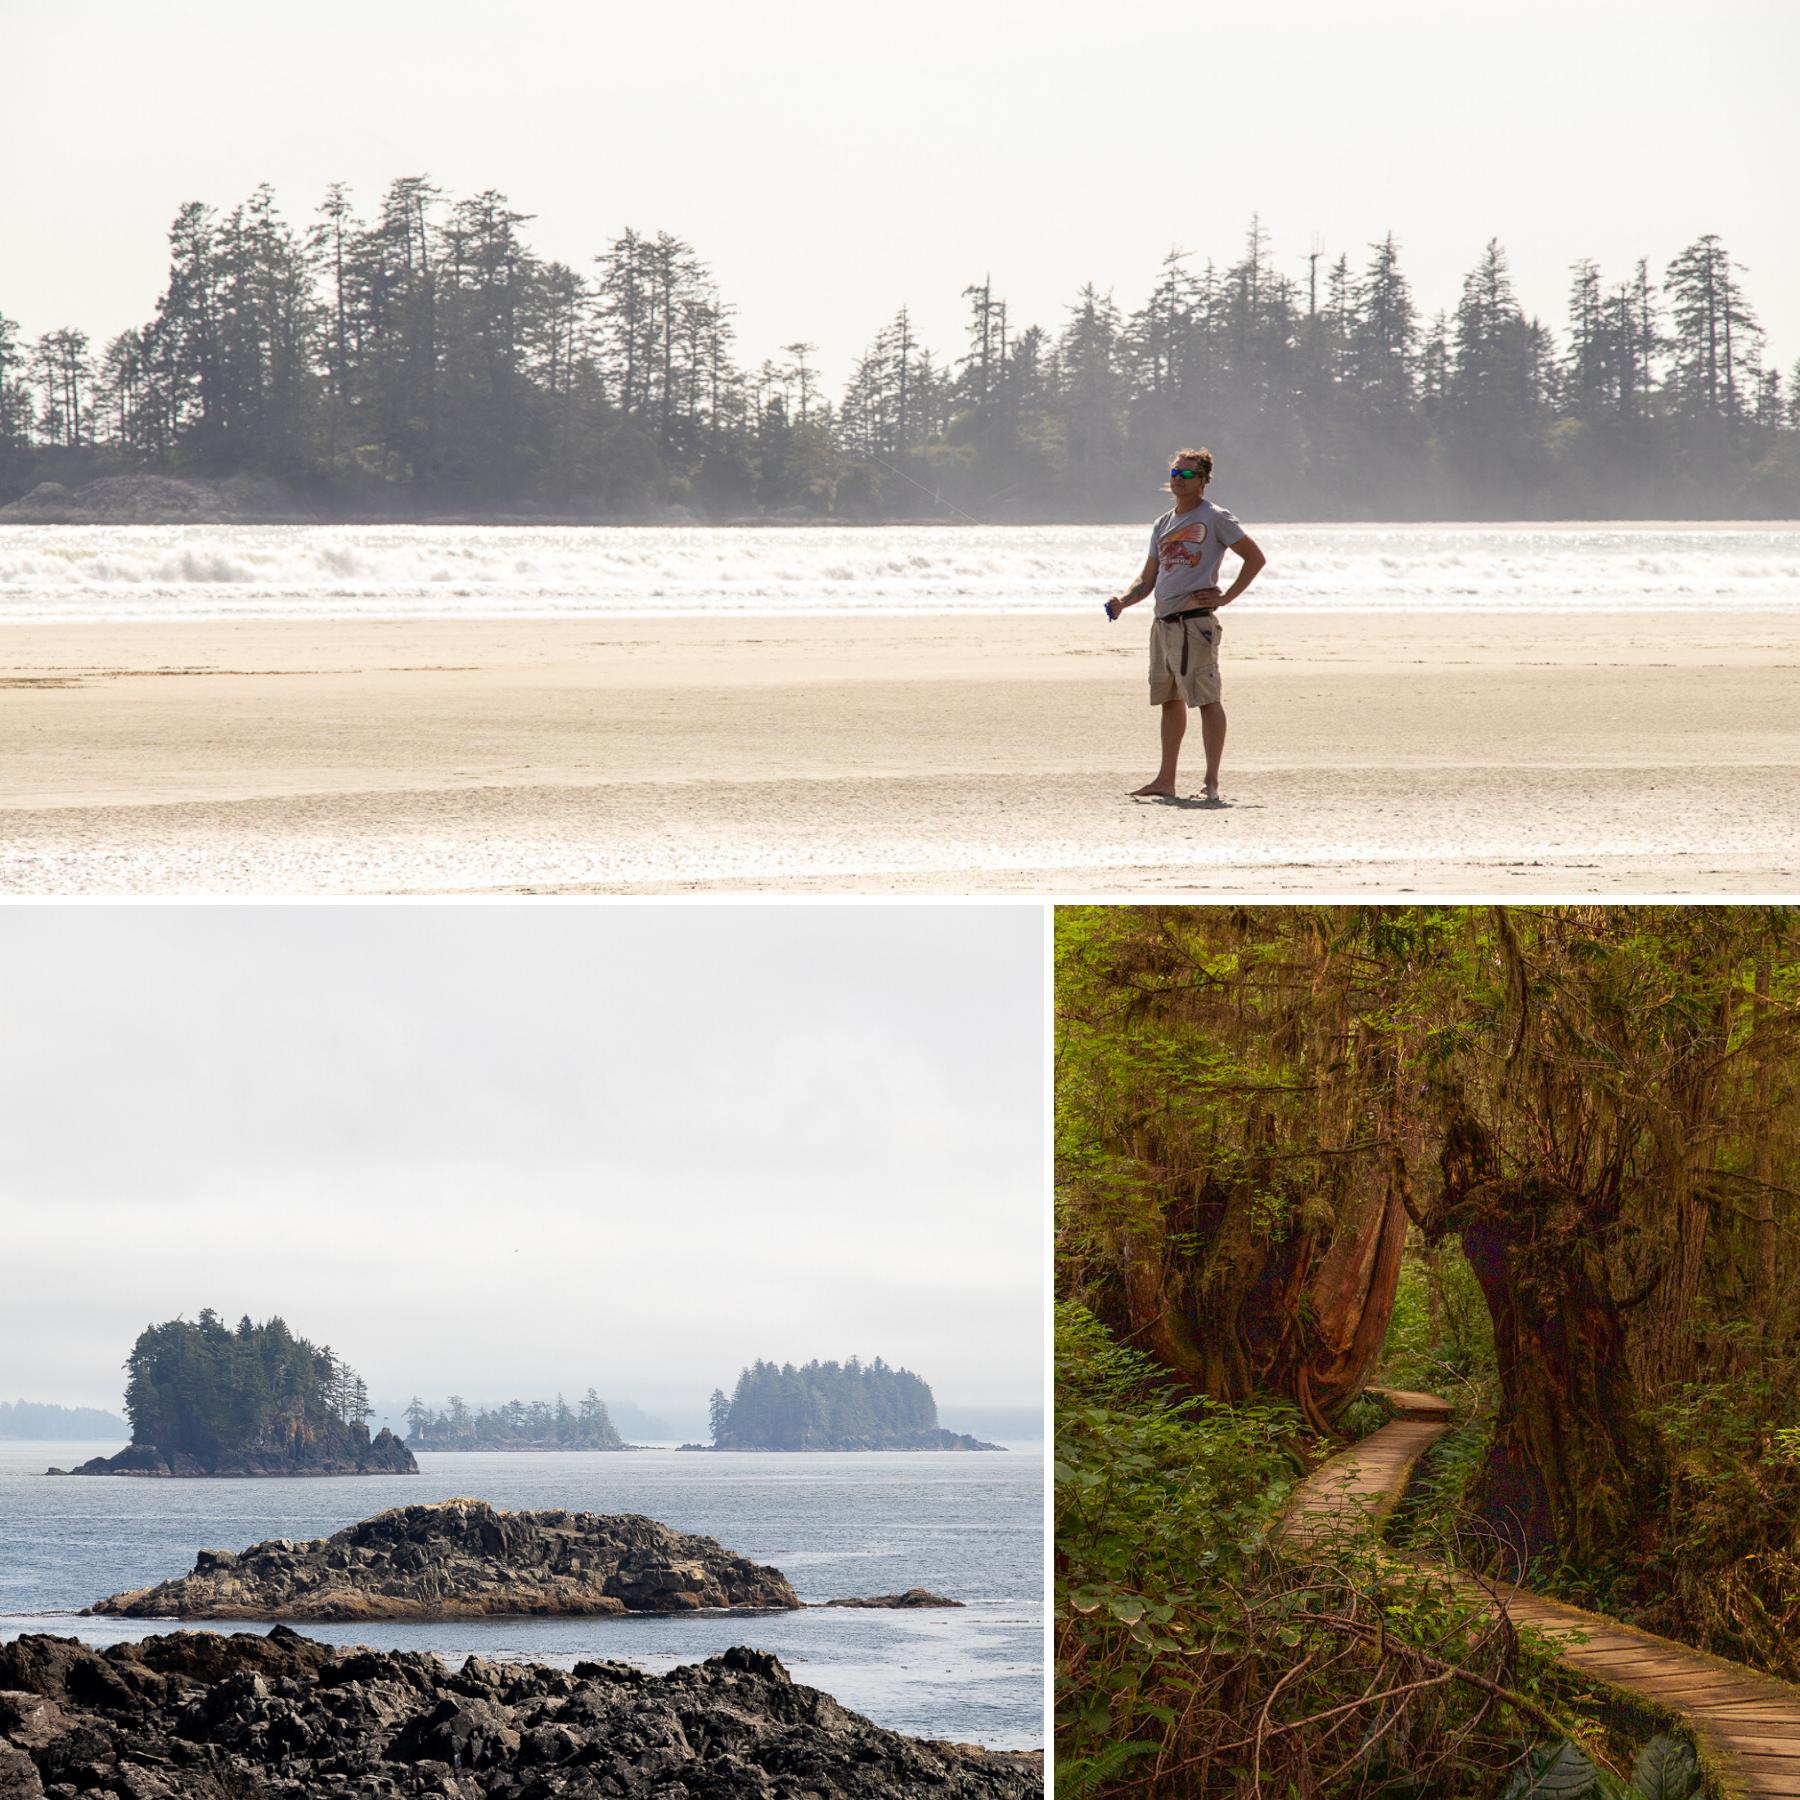 Traumhafte Natur: Long Beach (oben), der Blick vom Wild Pacific Trail bei Ucluelet (links) und der Wanderweg durch den Regenwald (rechts.)